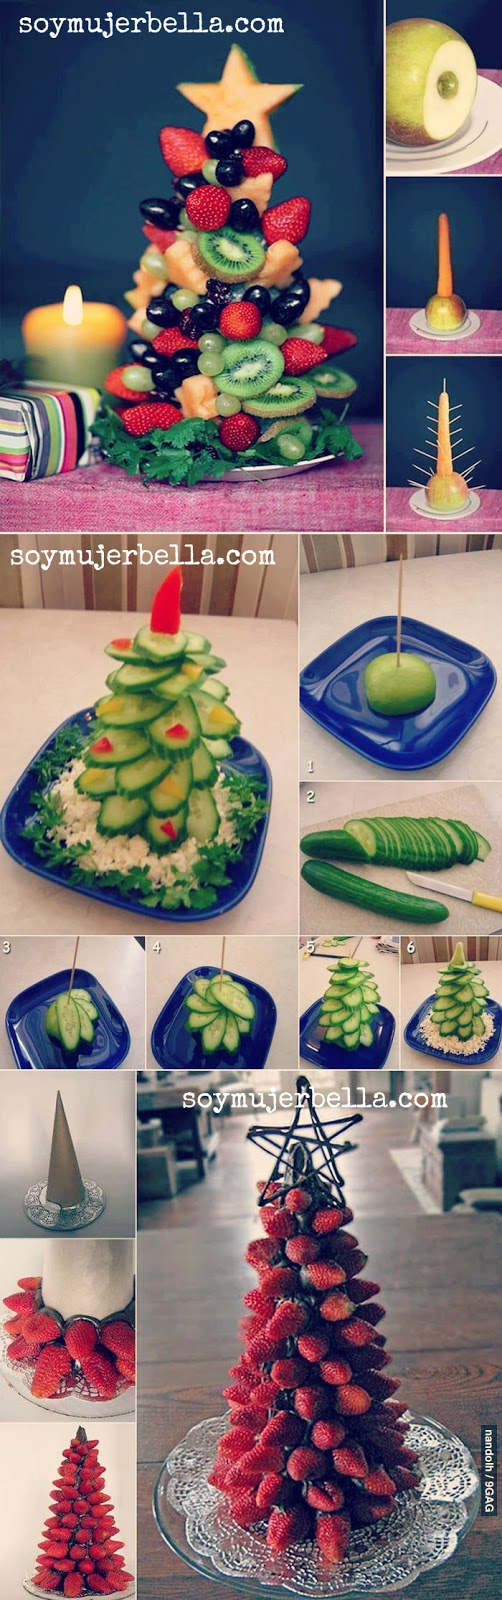 las mejores decoraciones navideñas con comida - dulce